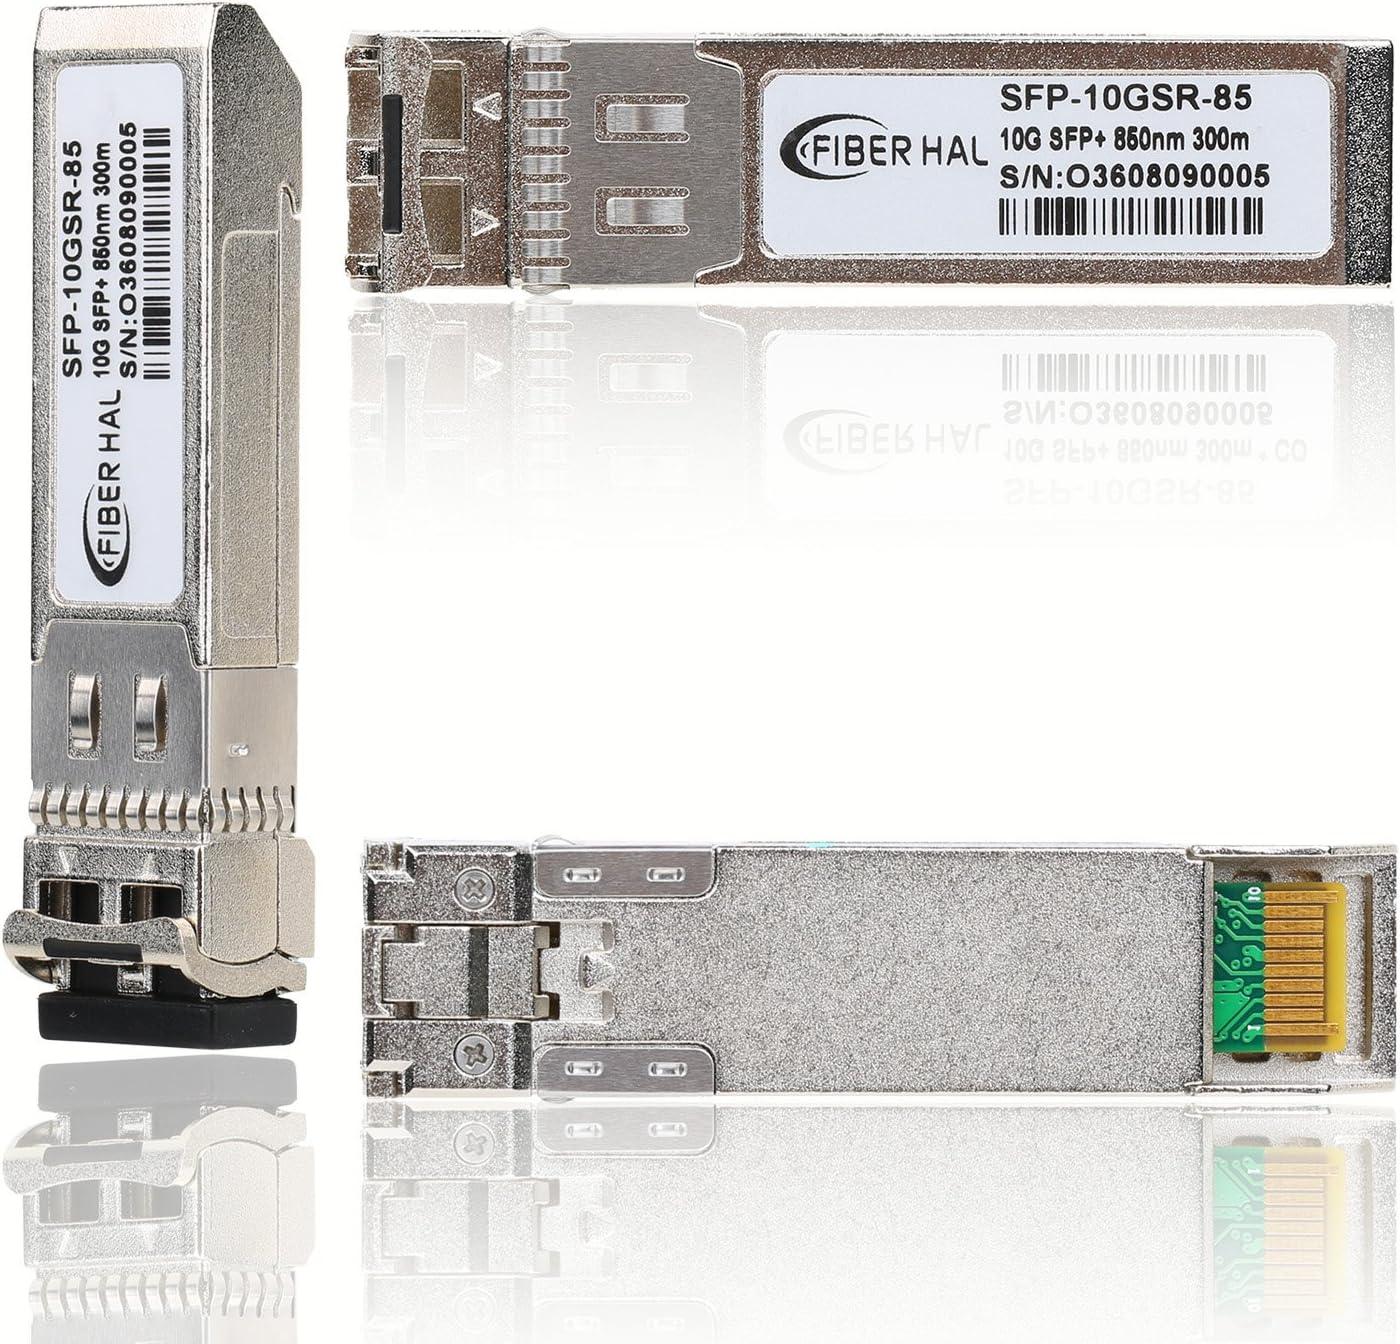 FiberHal for Cisco GLC-SX-MMD 850nm Reach 550m 1000Base-SX SFP Optic Transceiver SFP SX Module MMF Gigabit Mini-GBIC